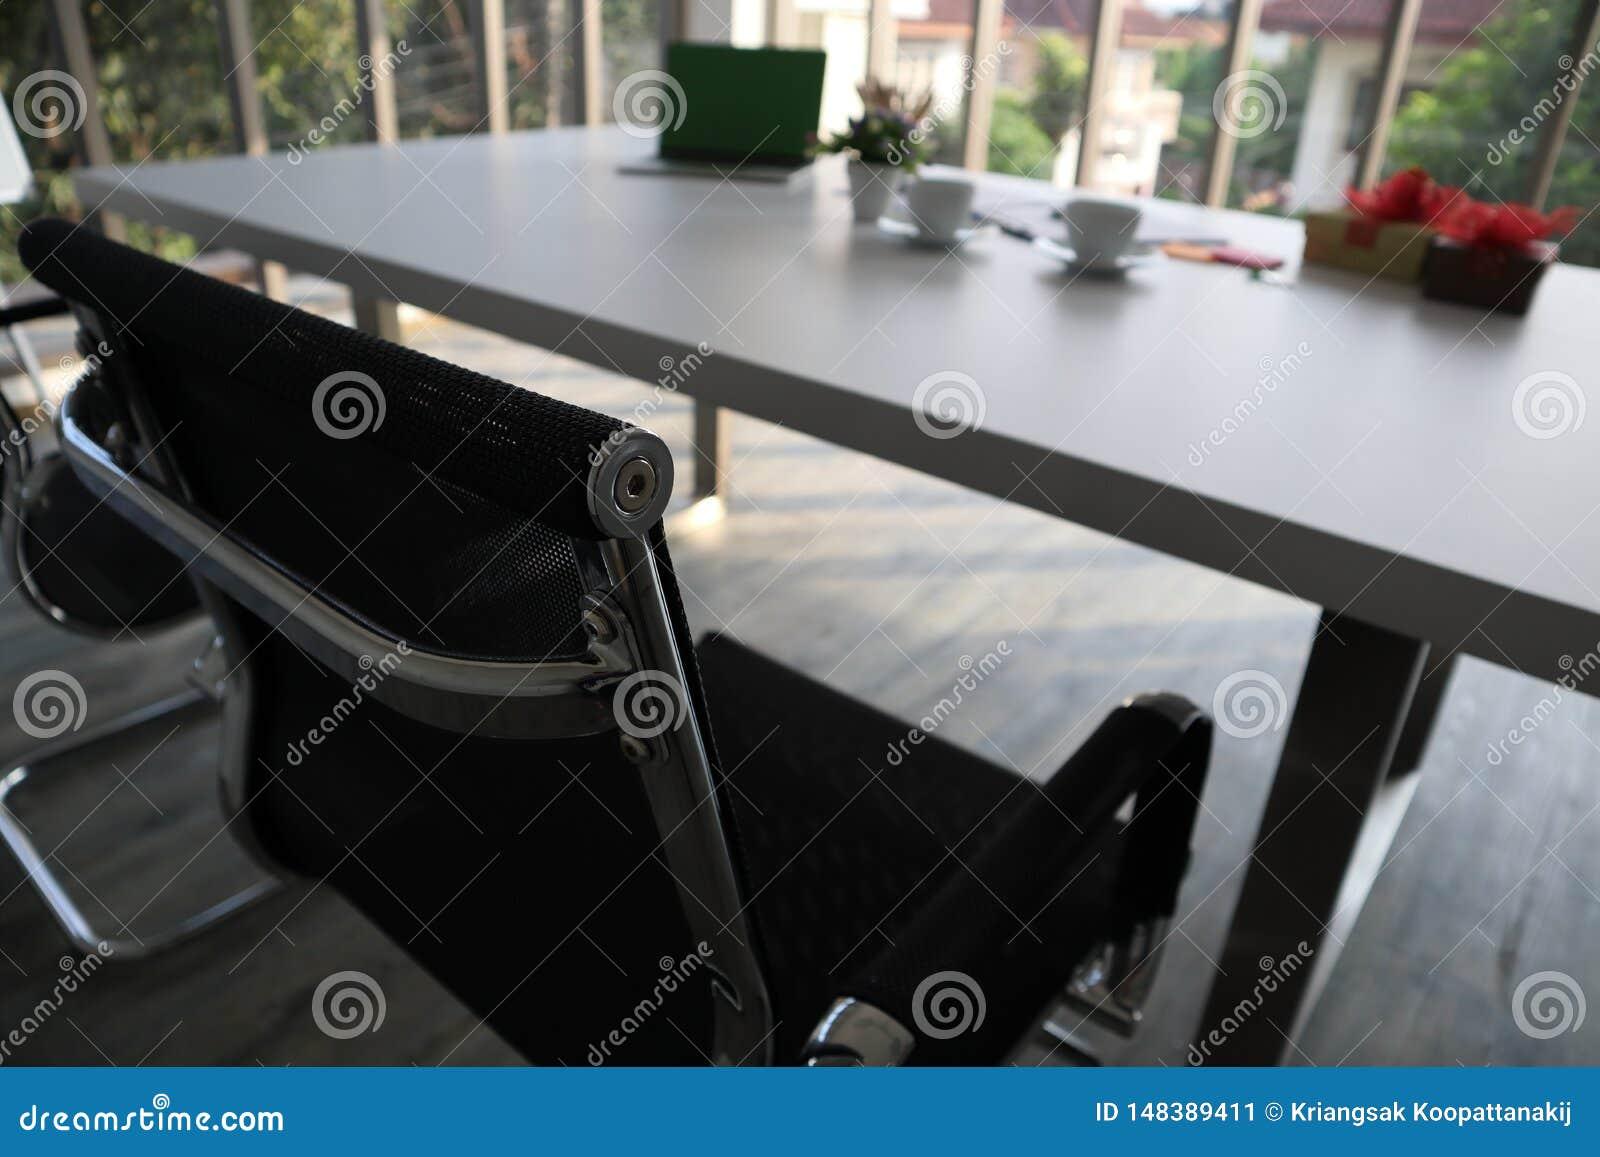 Duas cadeiras pretas e tabela branca e outros materiais